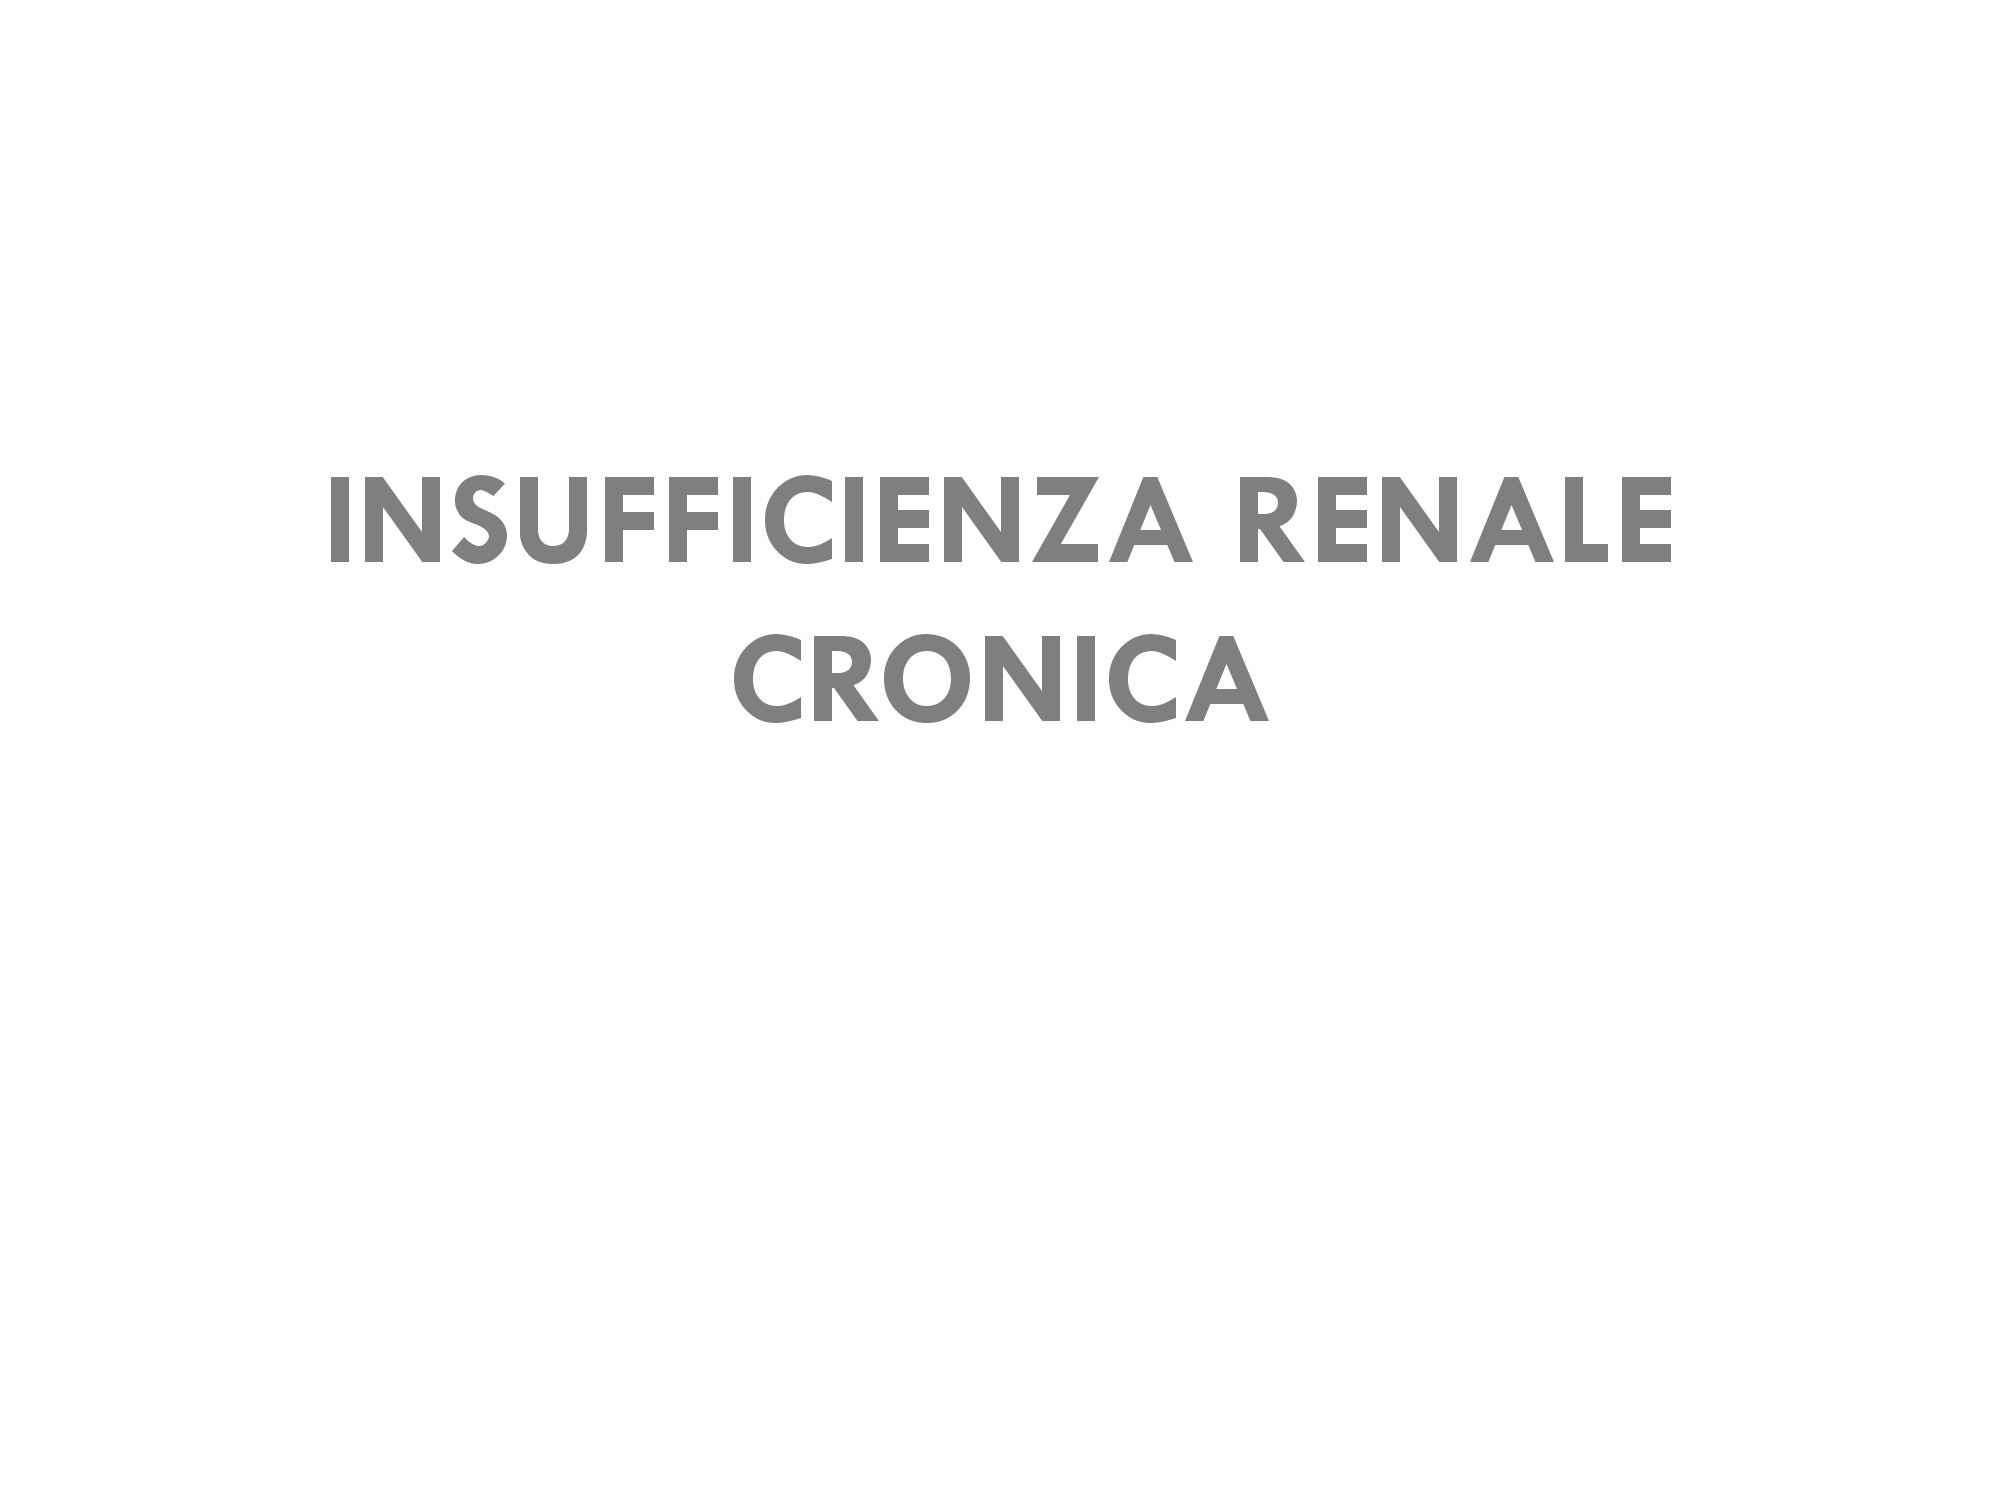 Nefrologia e urologia - Insufficienza Renale Cronica